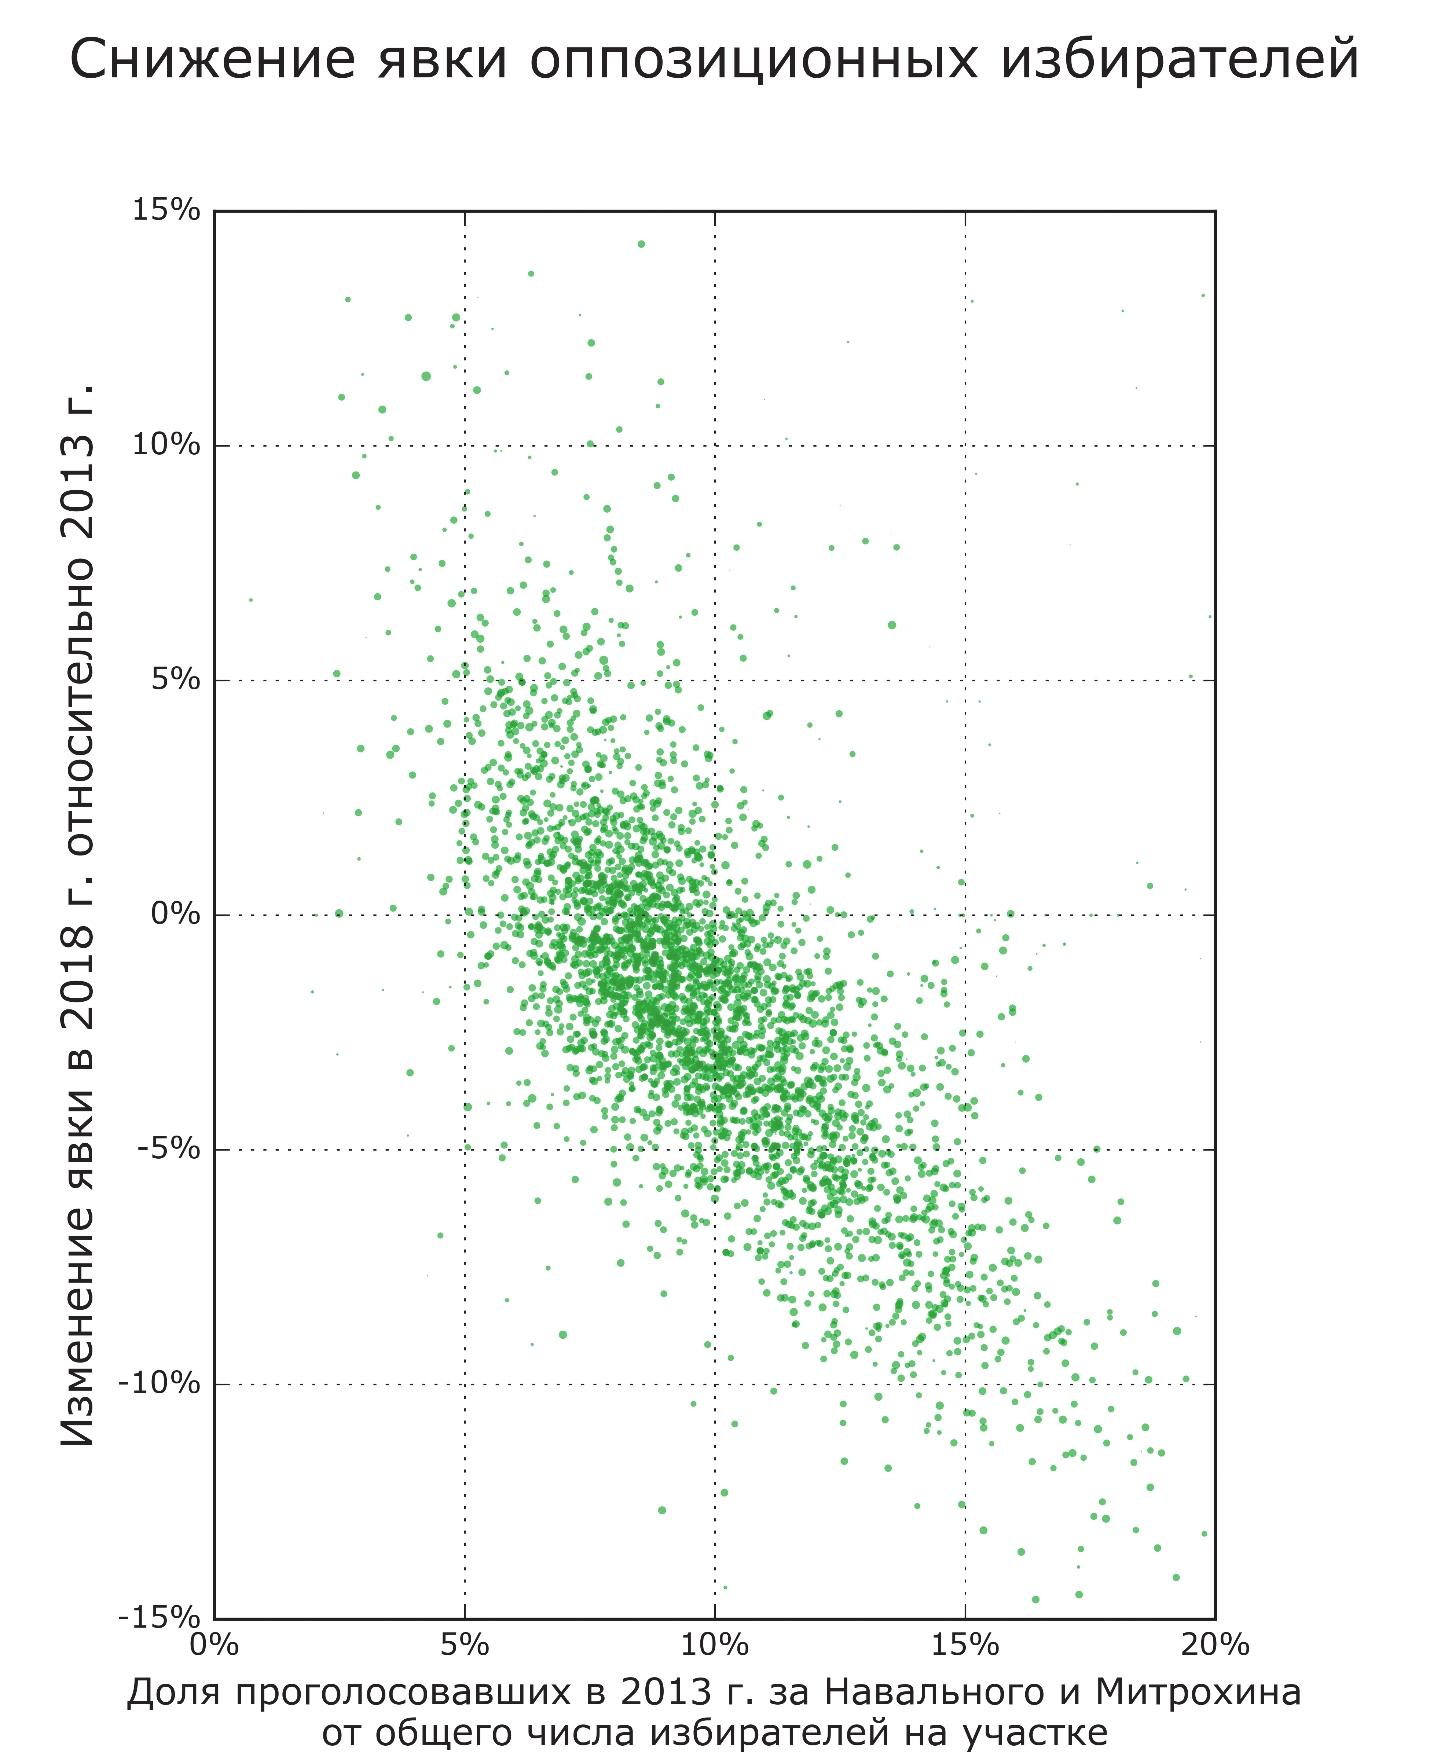 Рис. 5. Оппозиционные избиратели остались дома: явка на избирательных участках Москвы снижалась тем сильнее, чем больше на этих участках была поддержка Навального и Митрохина в 2013 году. Каждая точка соответствует одному избирательному участку